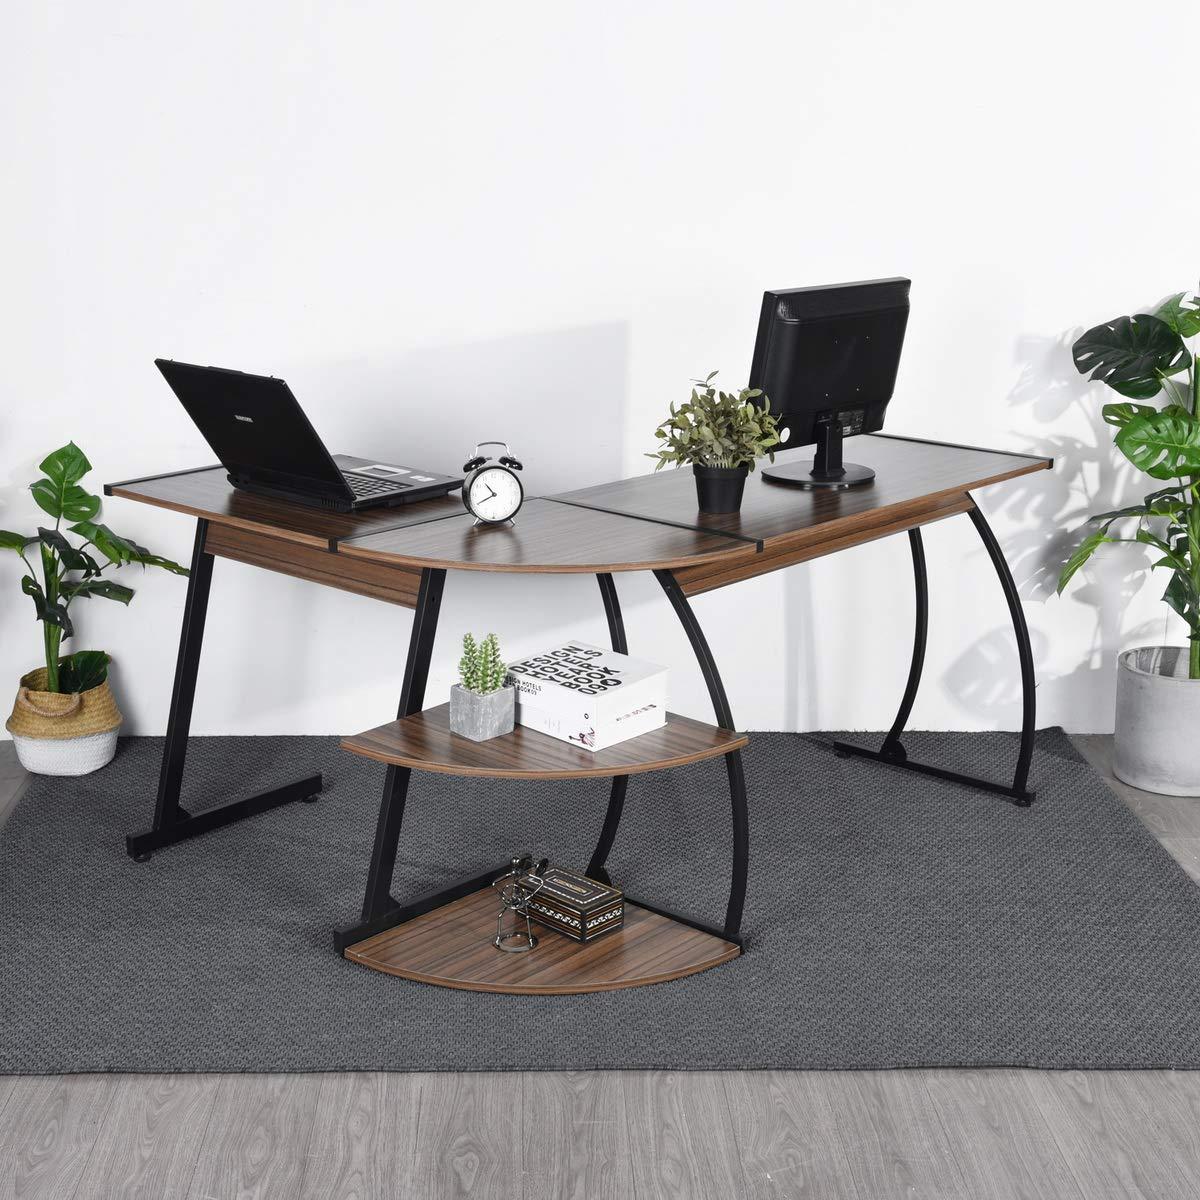 Computer Desk, FurnitureR Modern L-Shaped Corner PC Workstation Table Home Office Furniture (Walnut)